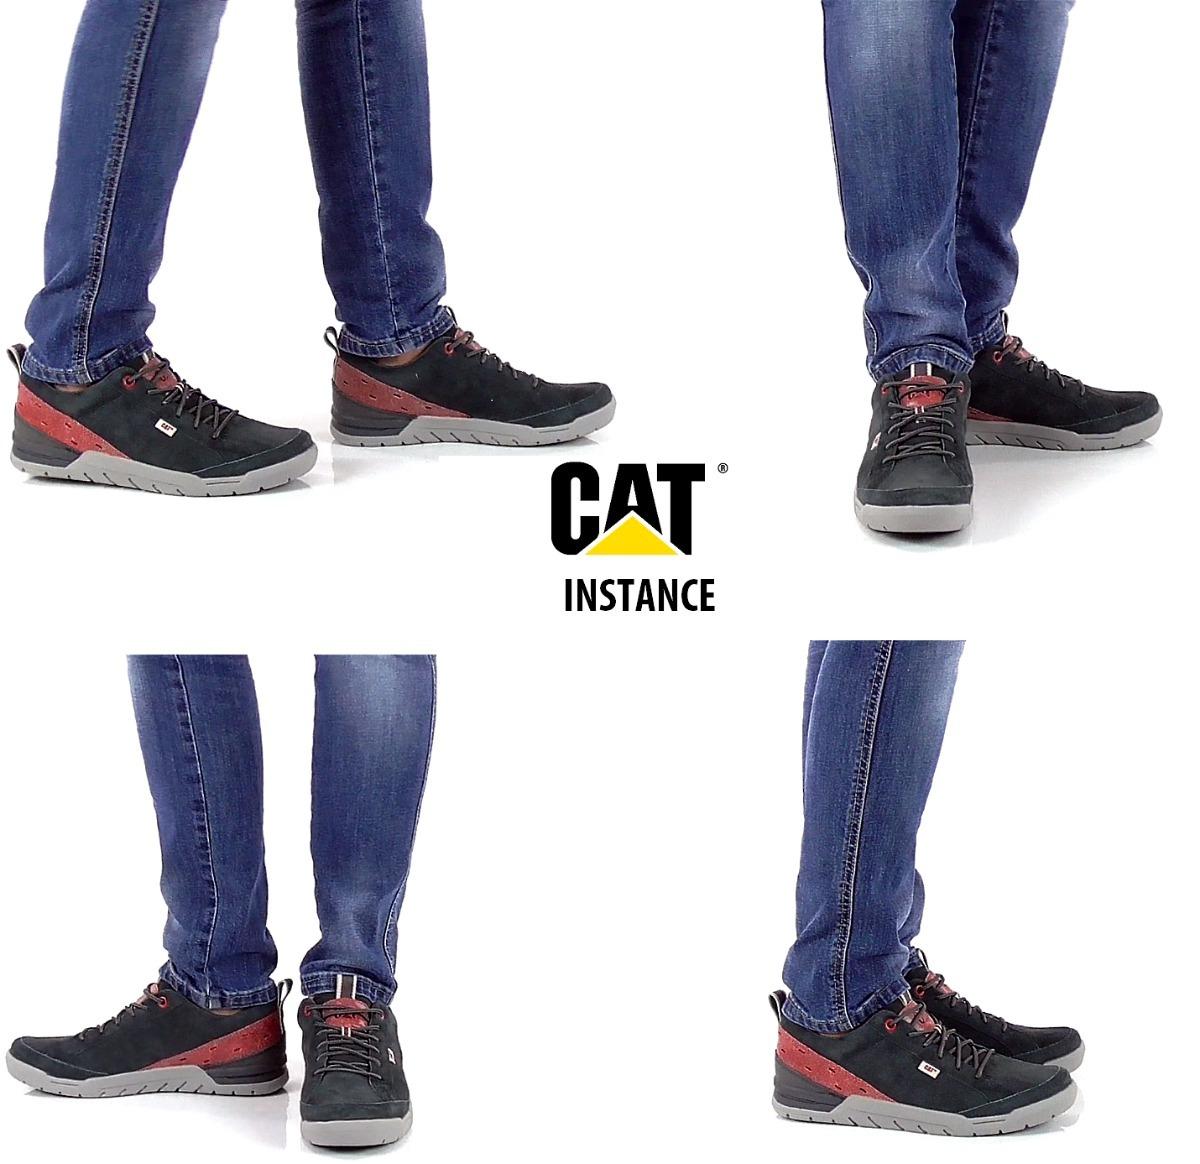 Zapatillas Caterpillar Instance Zapatos - S  229 d40113e4d74